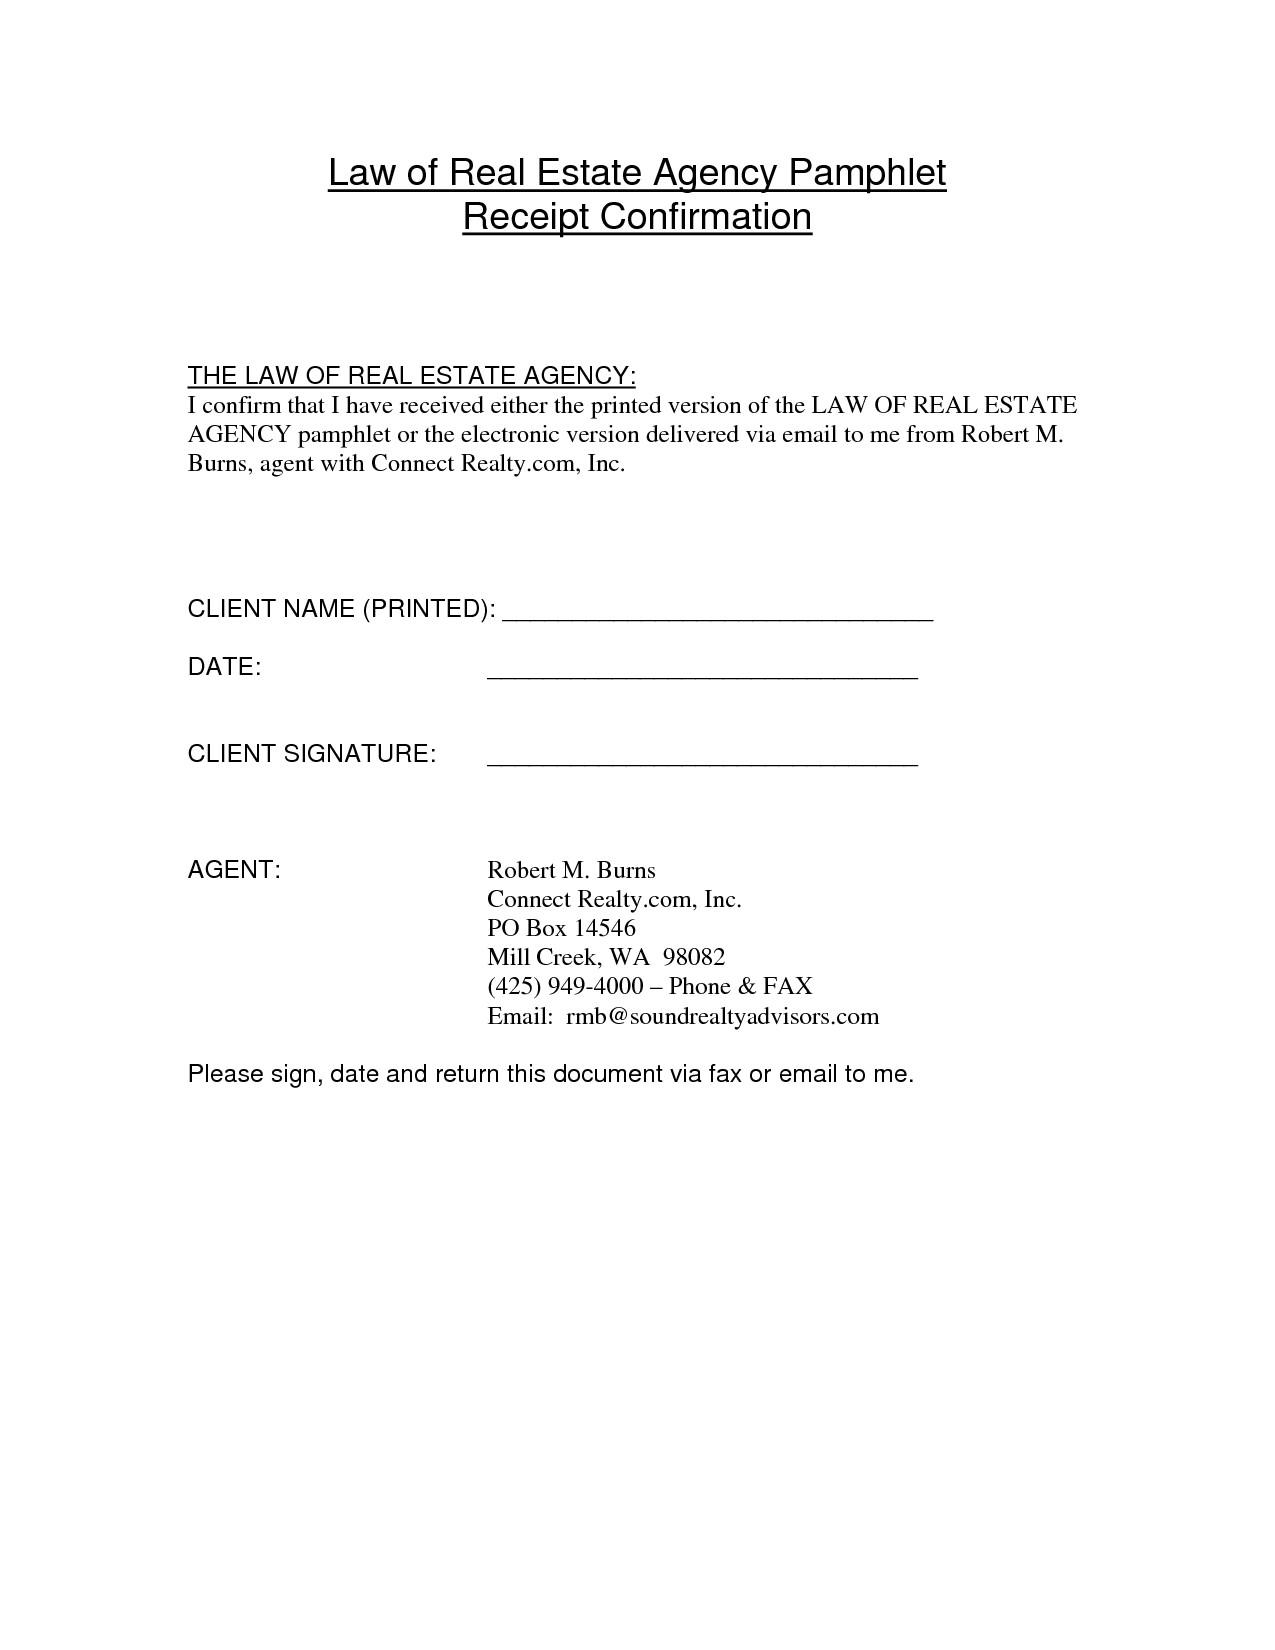 Fax Receipt Confirmation Template Best Photos Of Confirmation Of Receipt Template